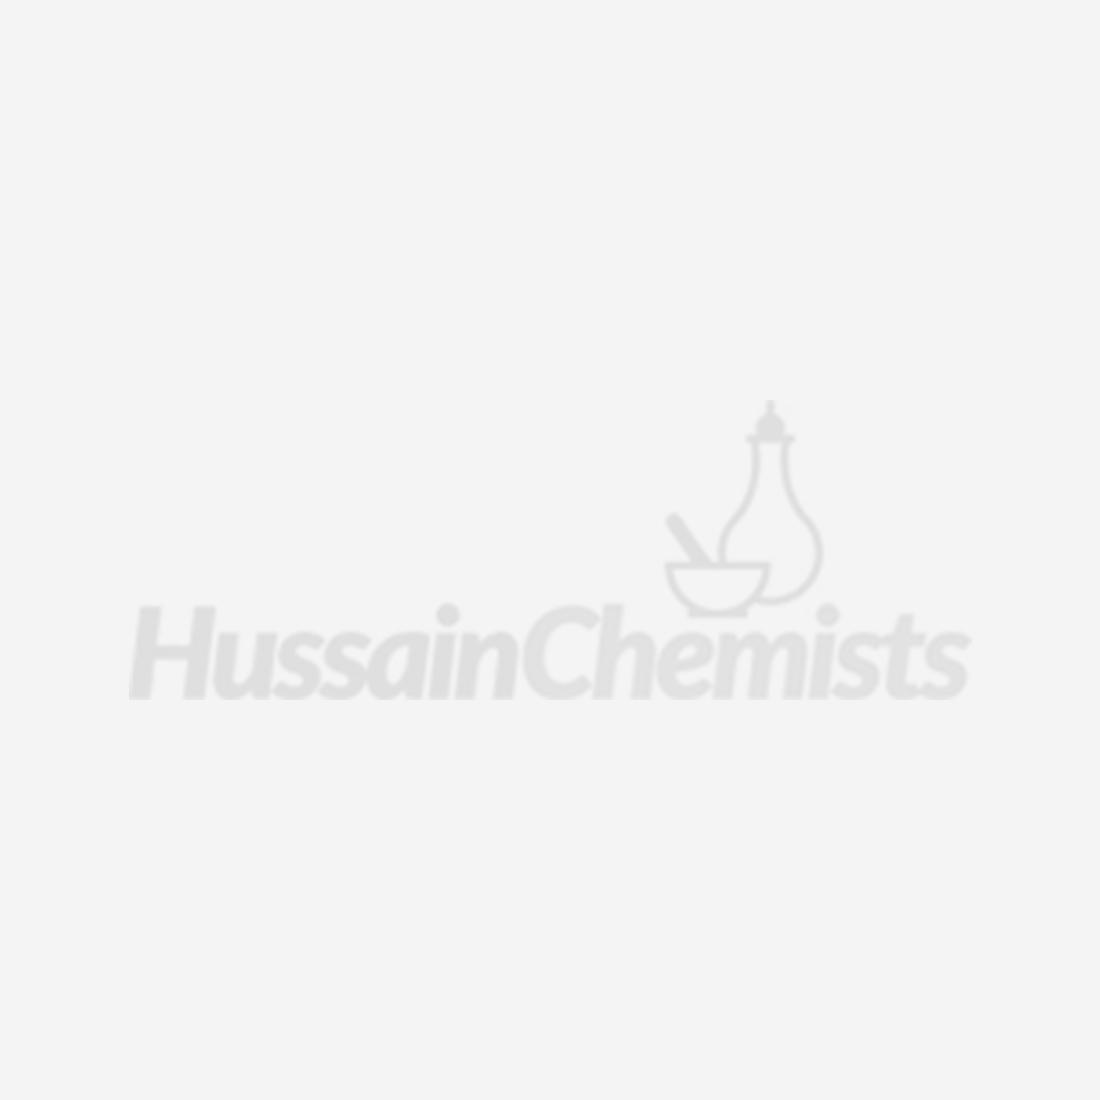 CYCLAX NATURE PURE LAVENDER BODY MASSAGE CREAM 300ML POT